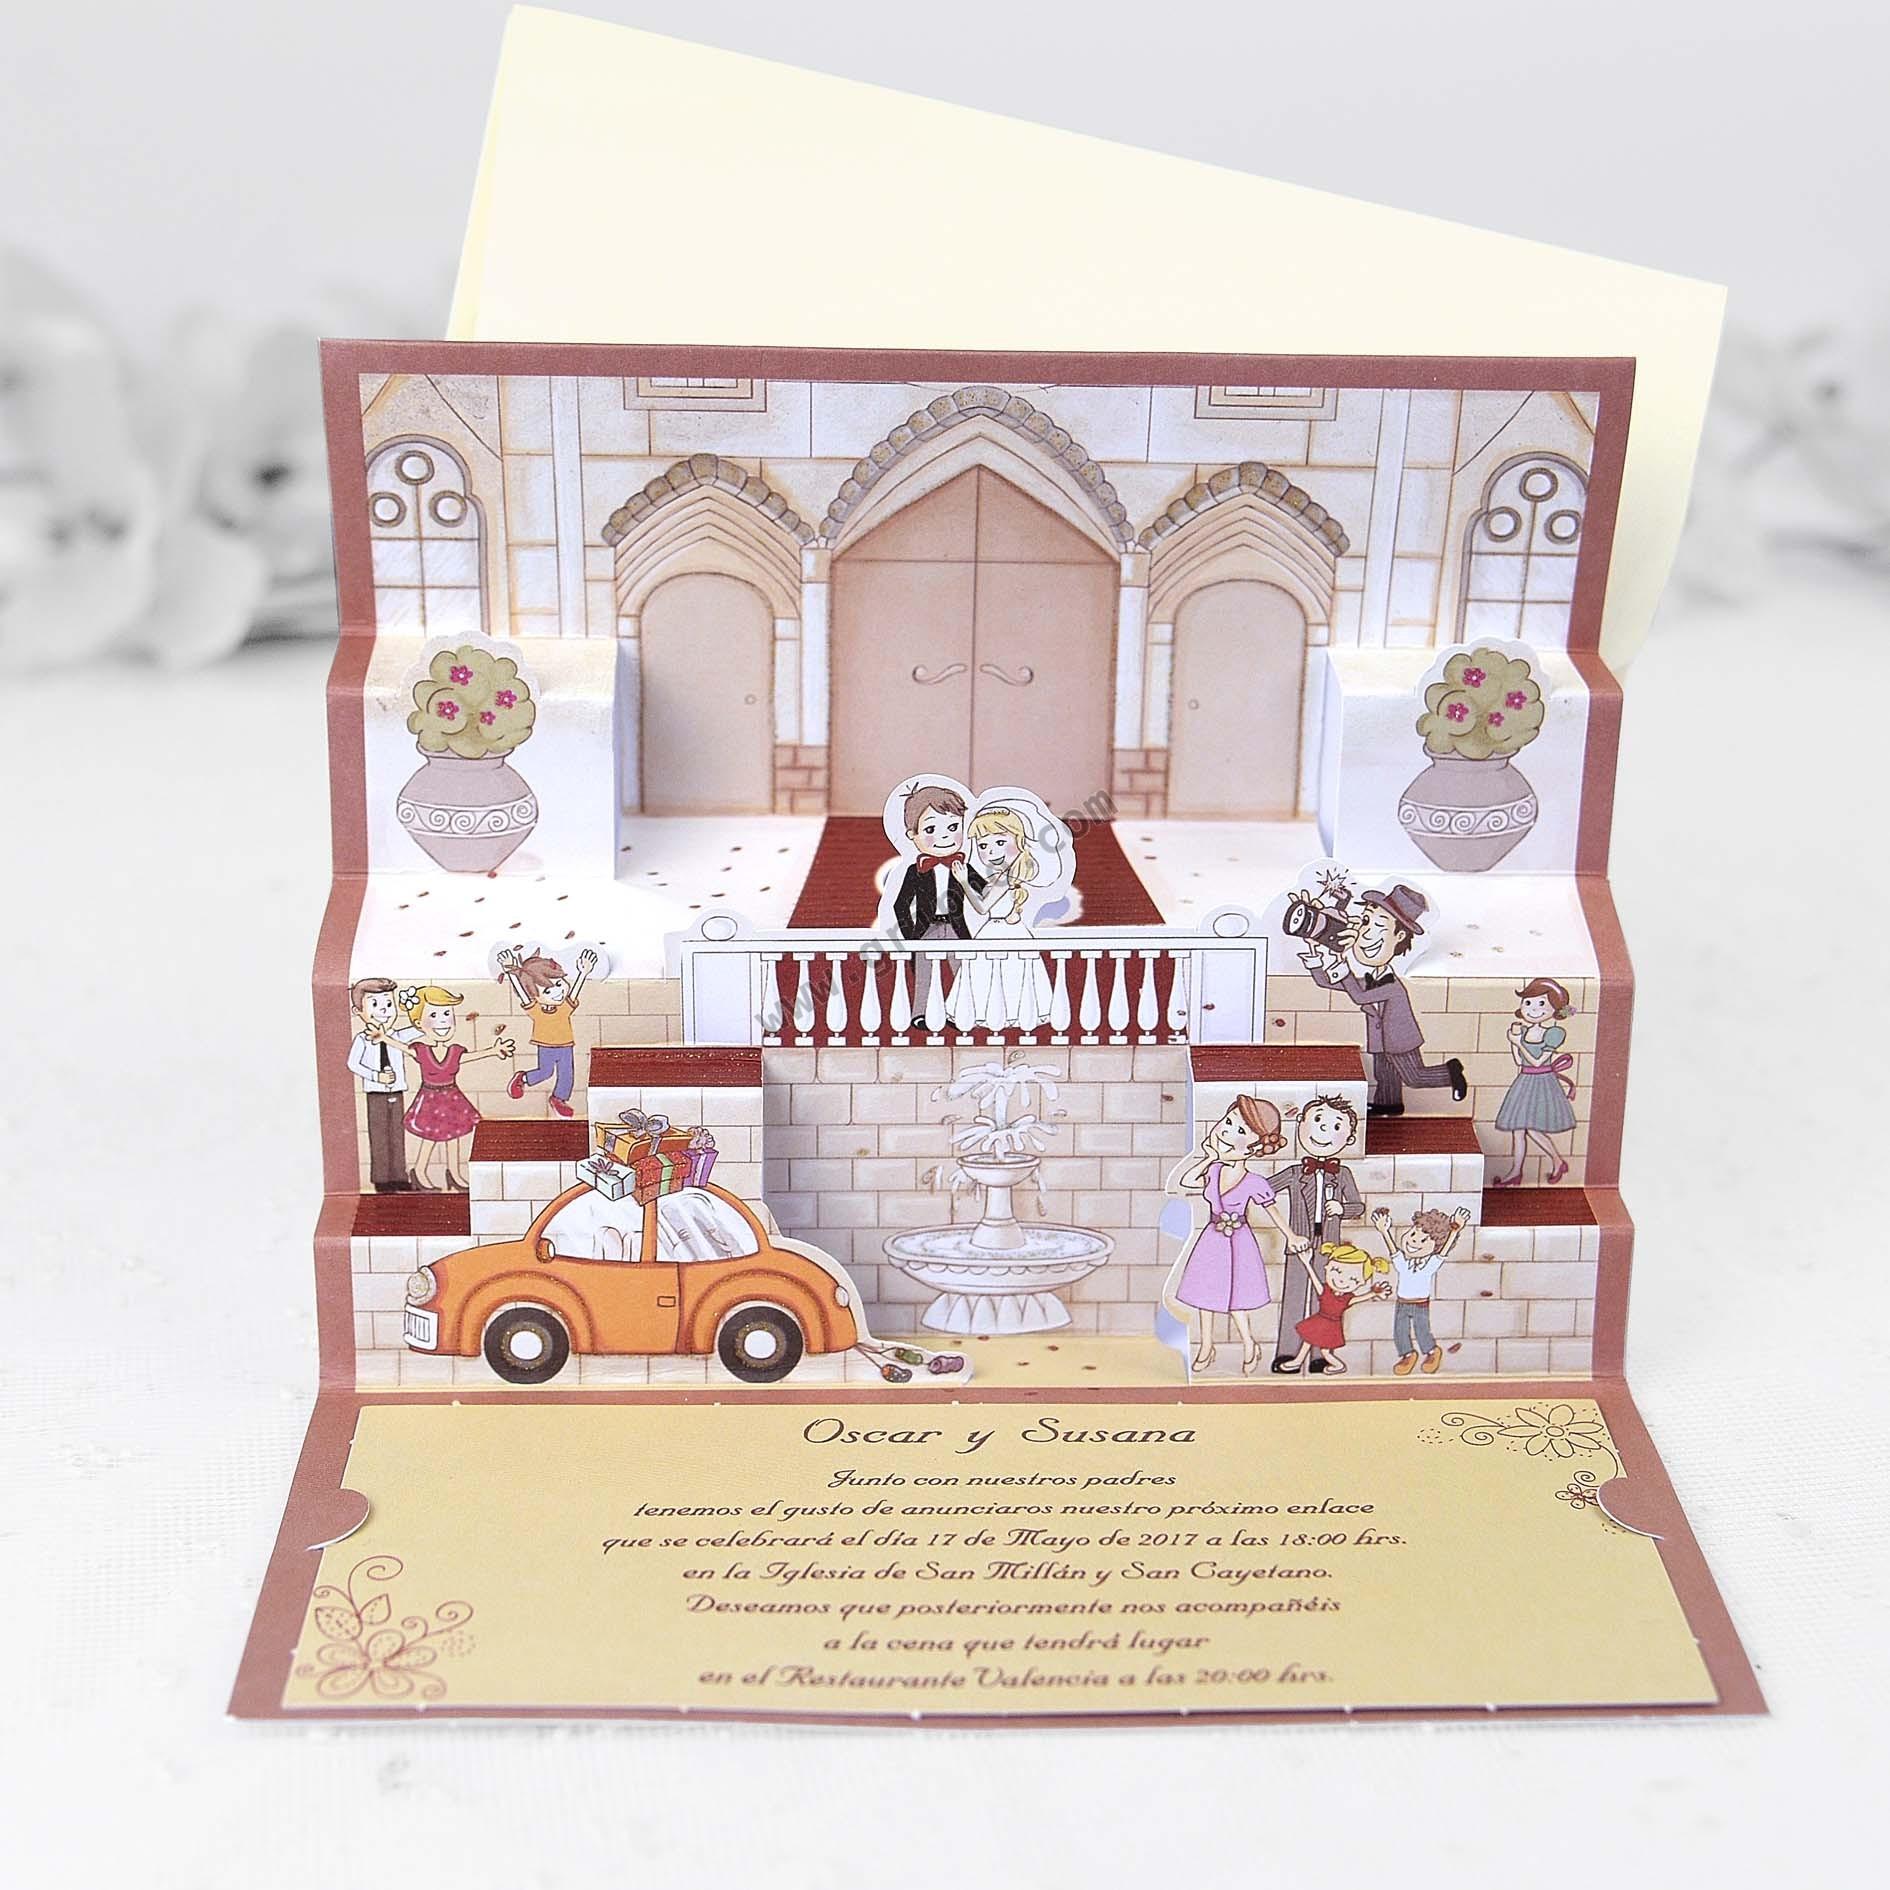 Invitaciones de boda tarjetas de bodas originales - Tarjetas de invitacion de boda originales ...